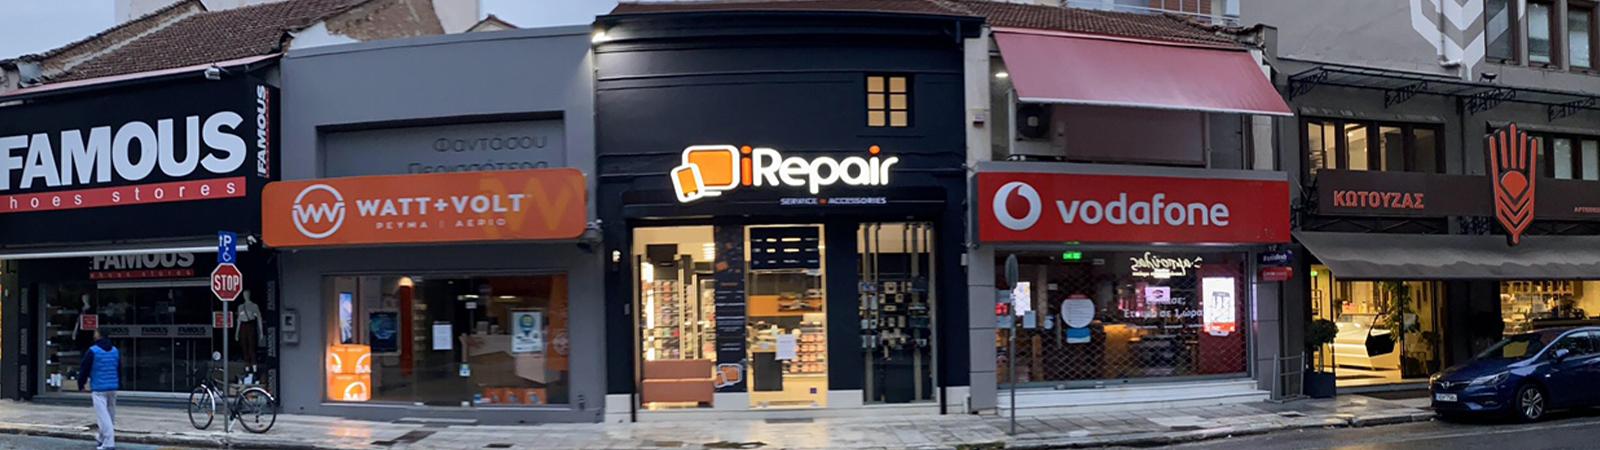 iRepair Τρίκαλα